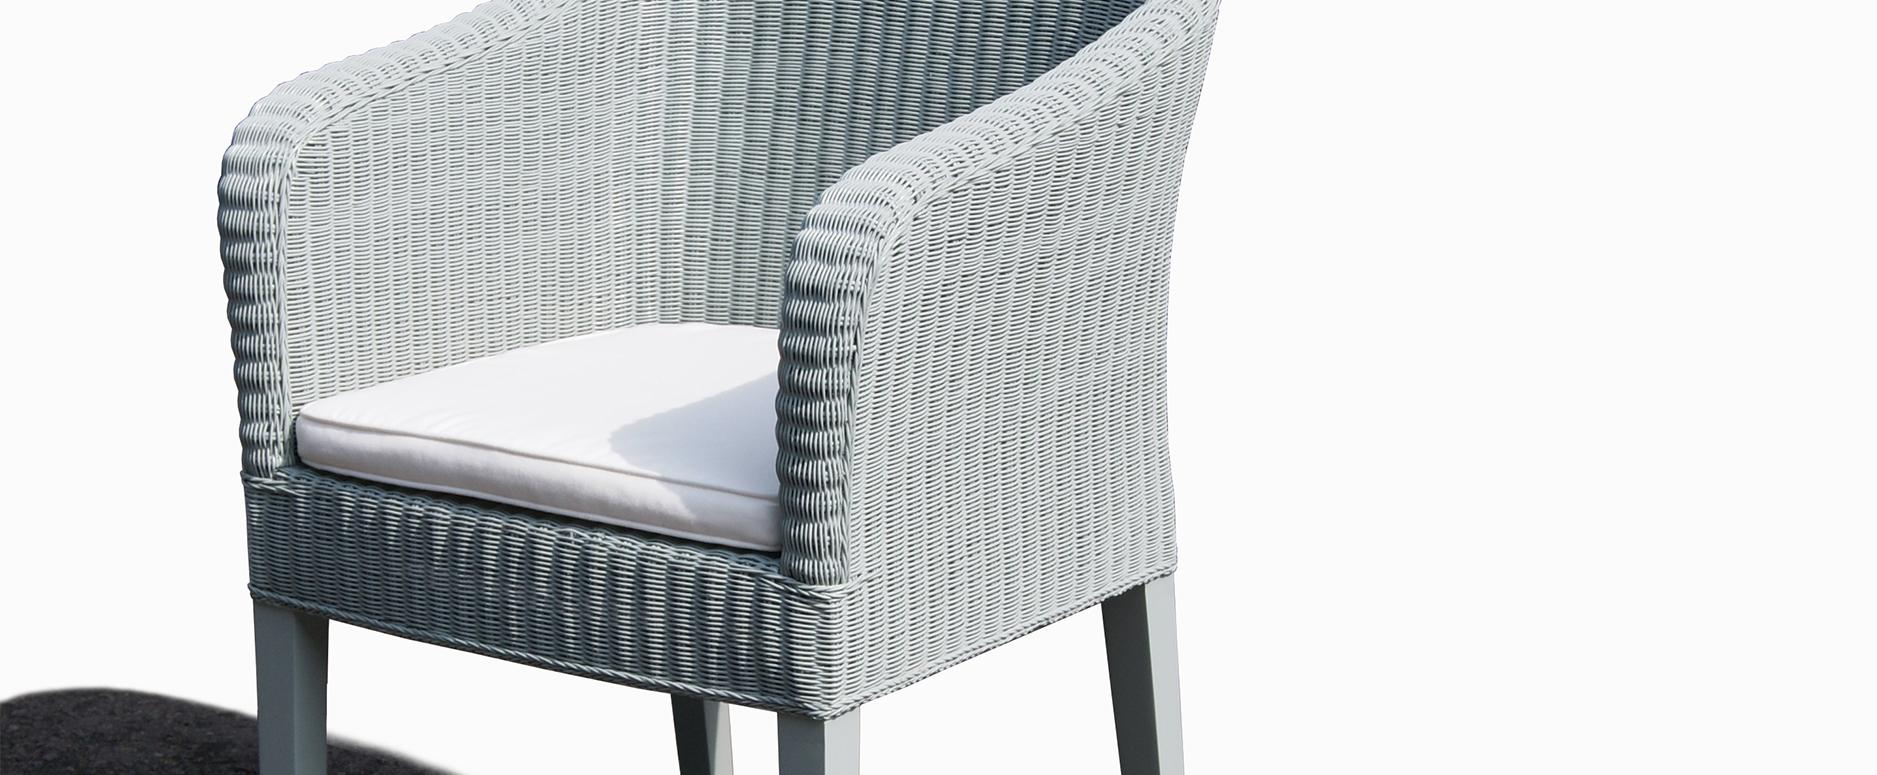 B14-WR 1002 Arm chair- SLIDE 2